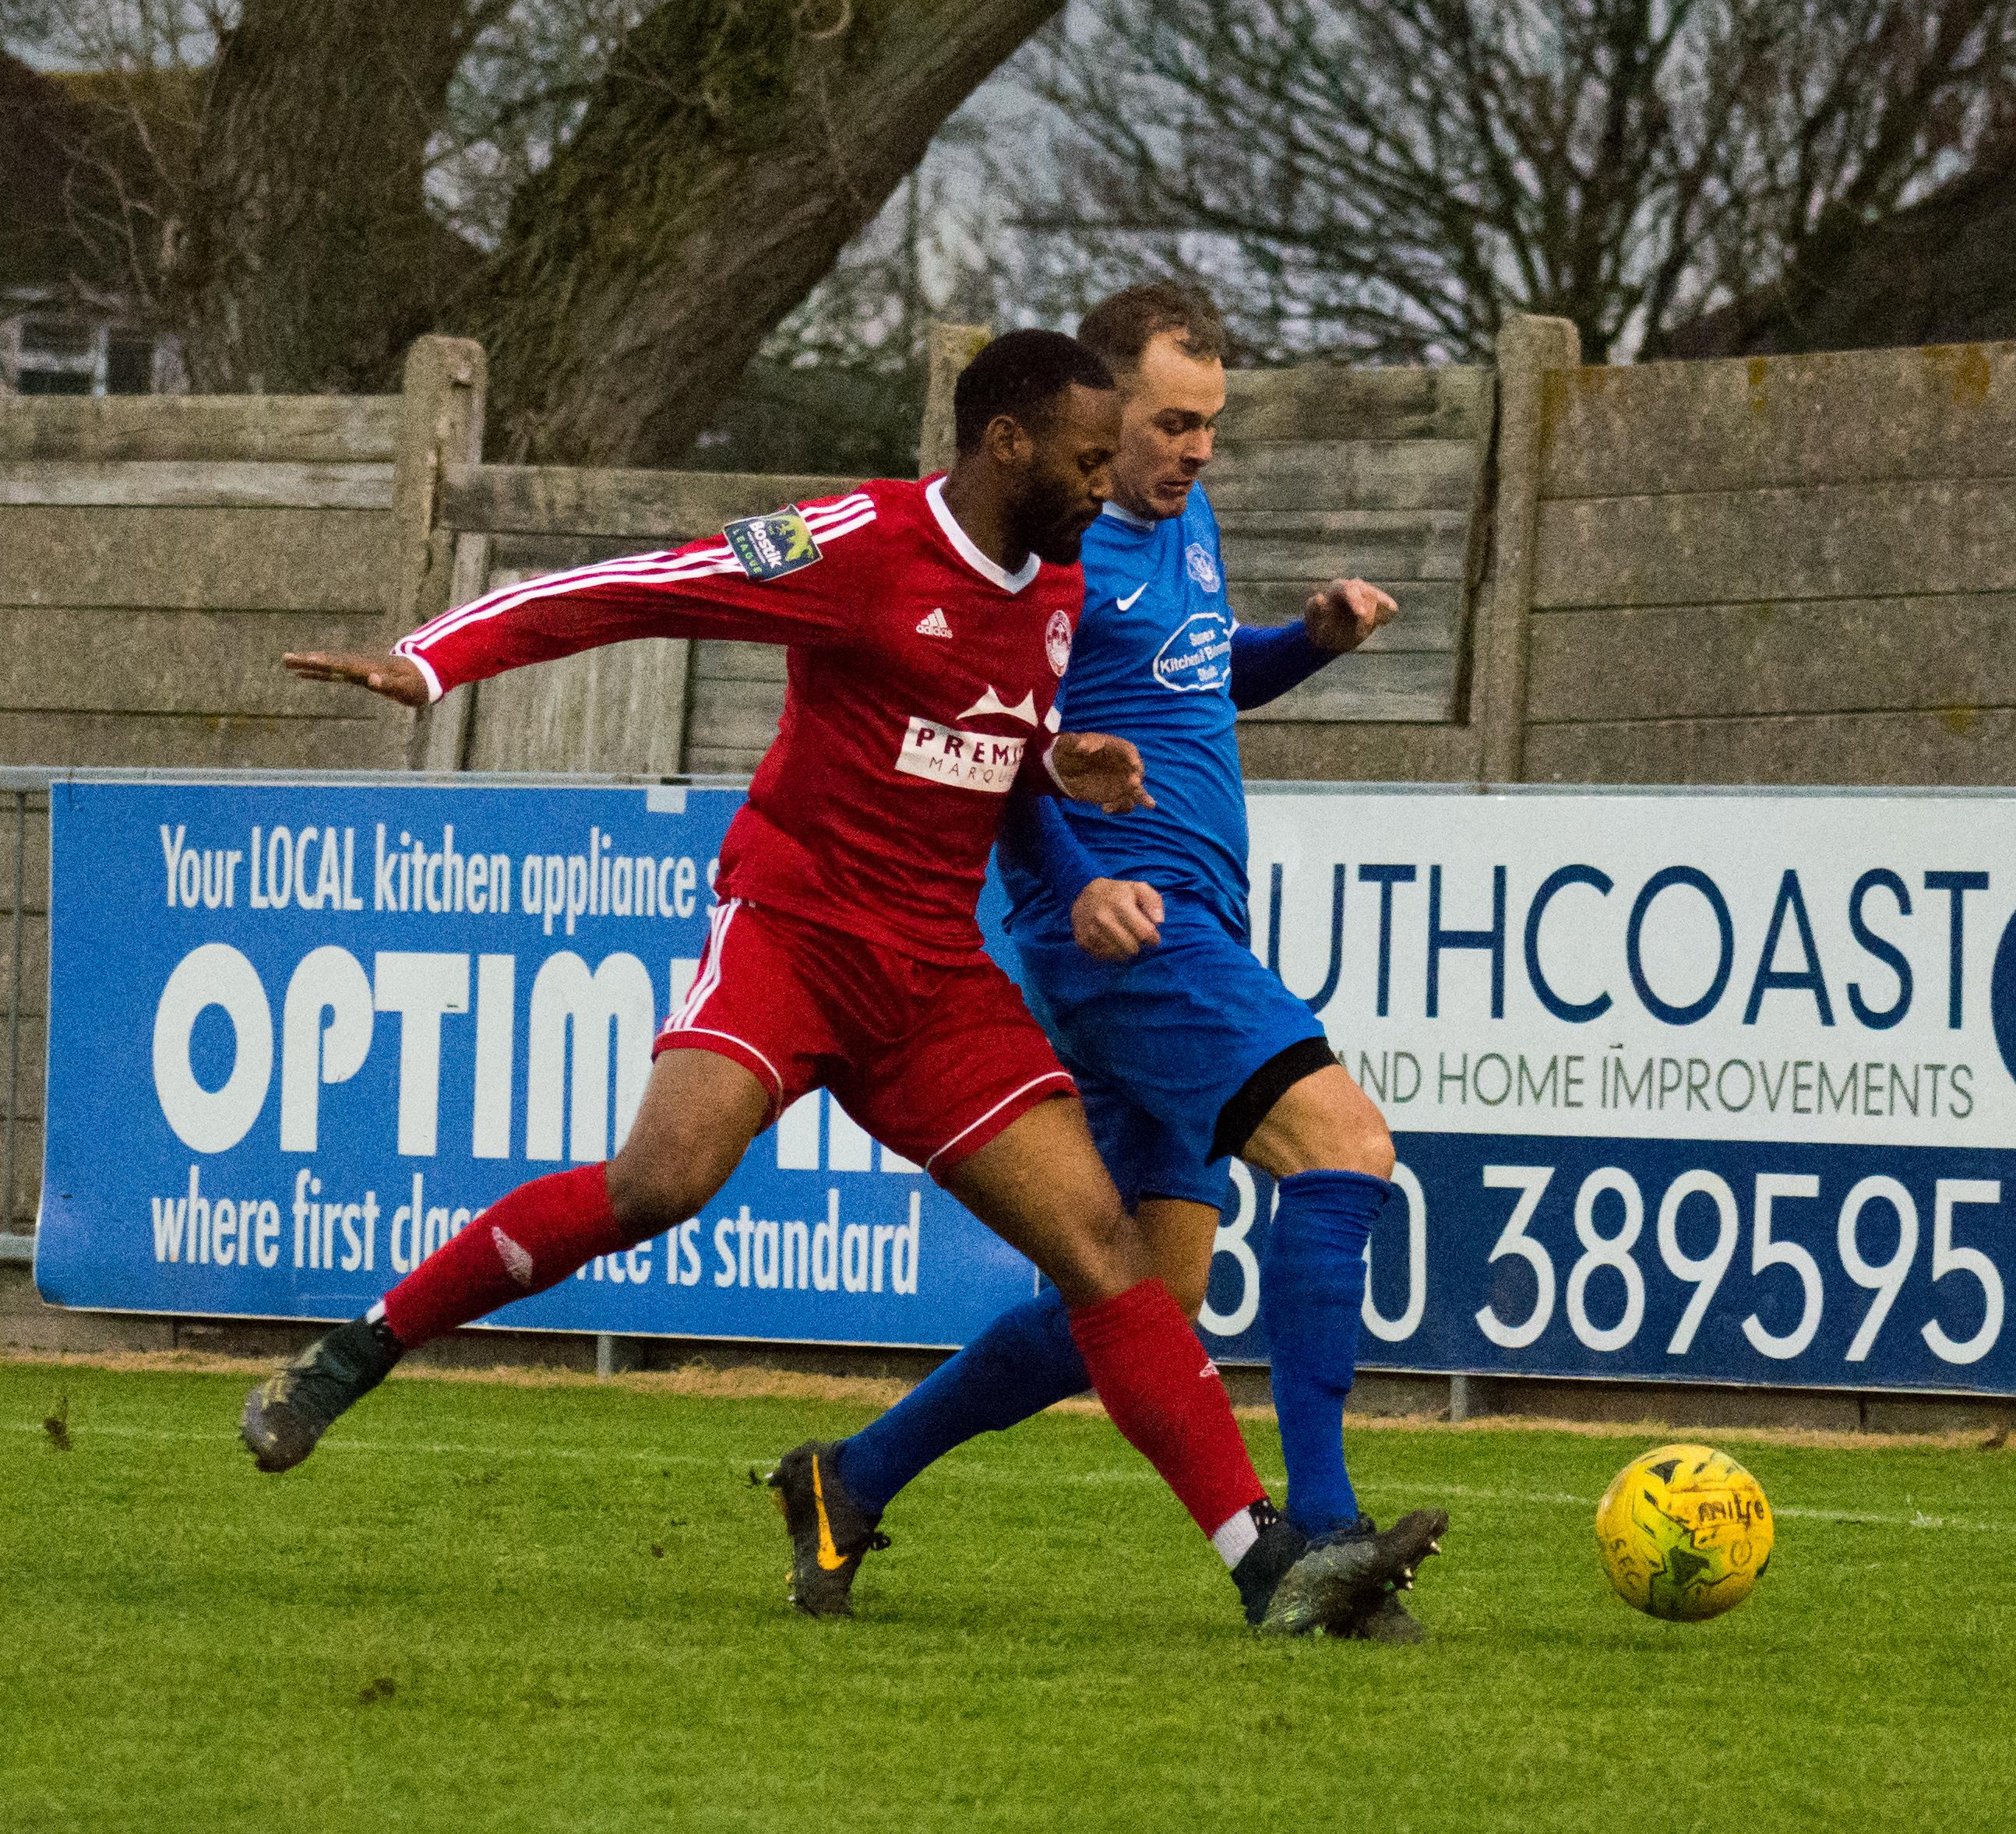 Shoreham FC vs Hythe Town 11.11.17 62